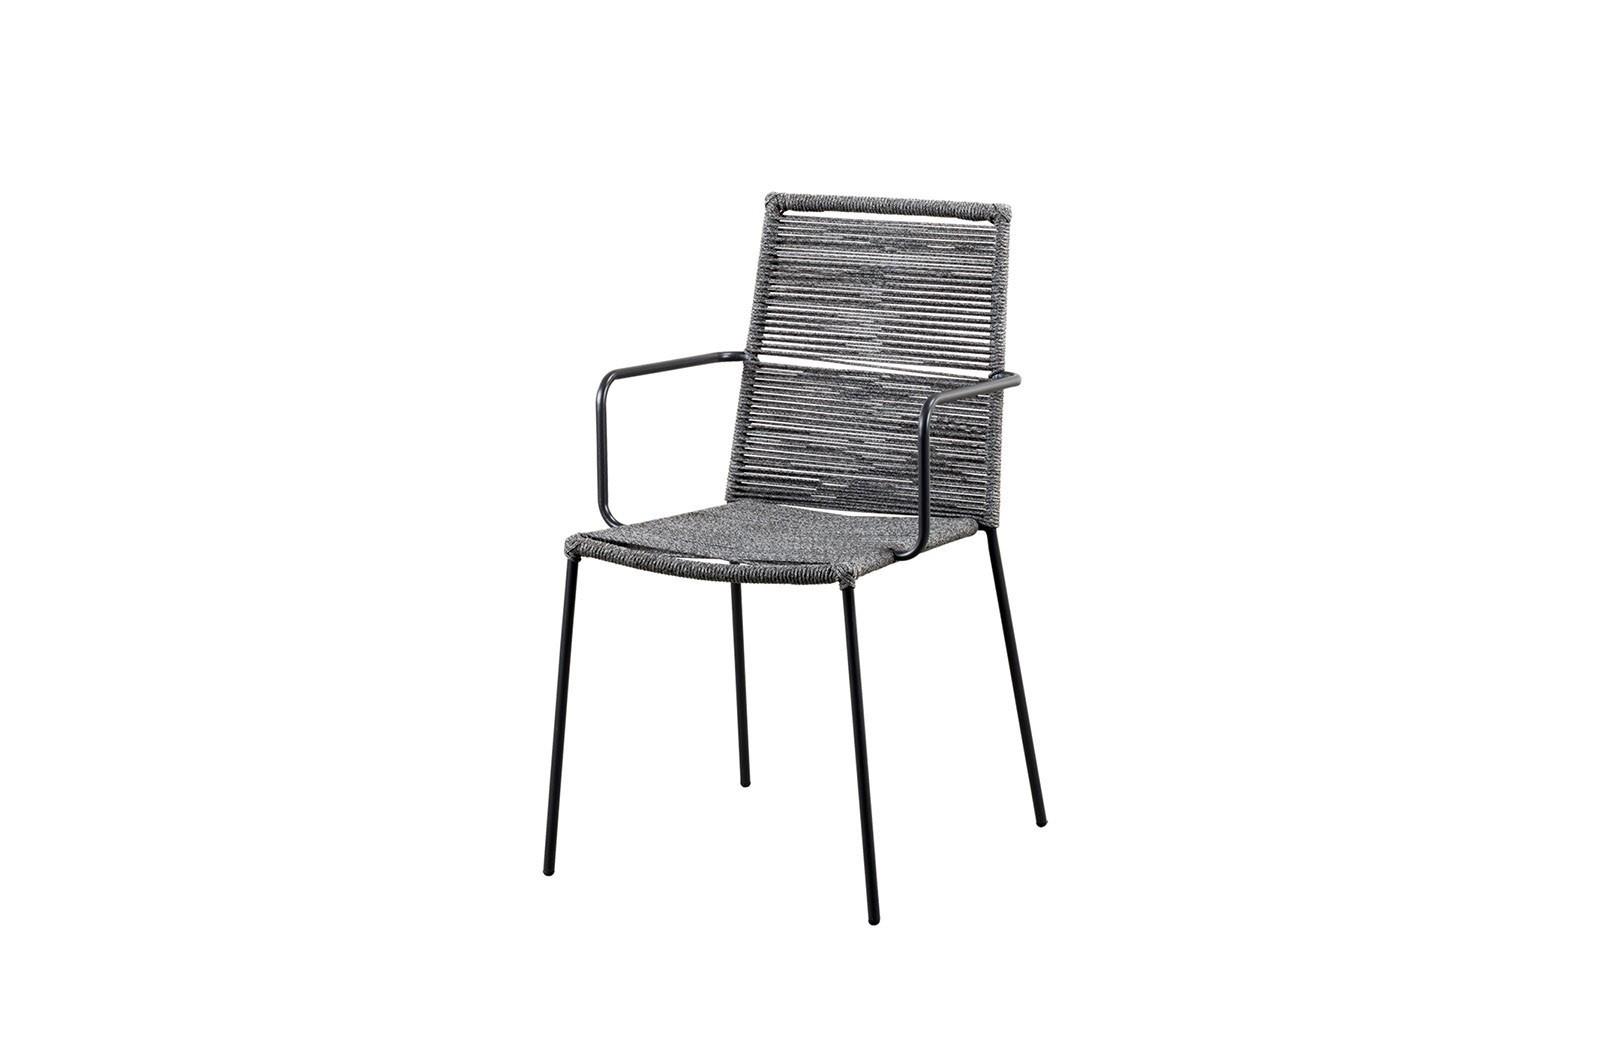 krzesła balkonowe KEA